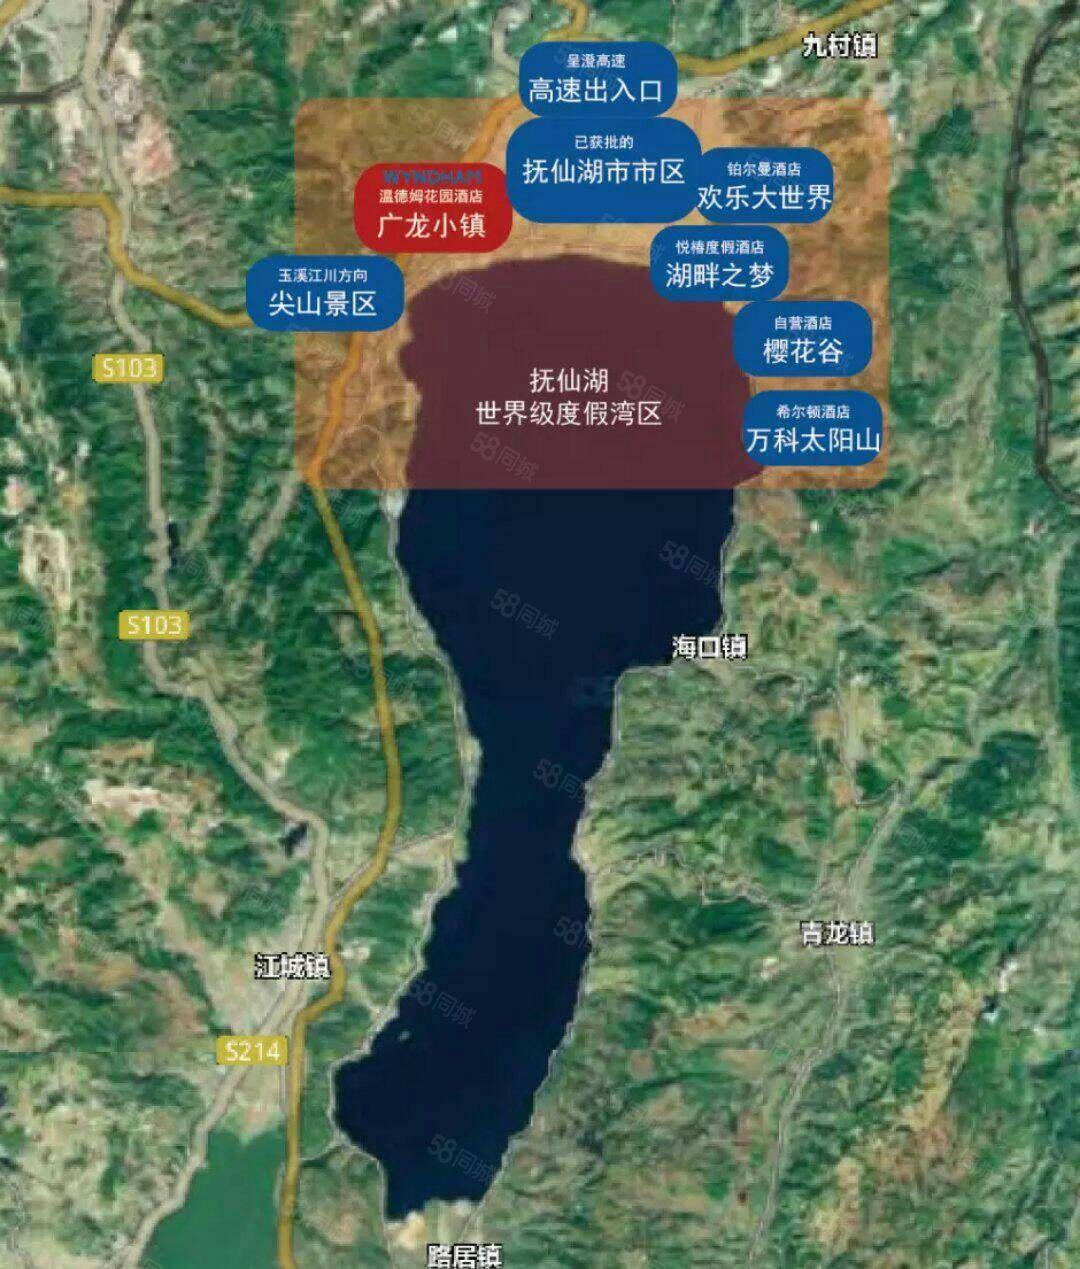 抚仙湖广龙旅游小镇40平精装公寓,可托管,价格低,后3套。